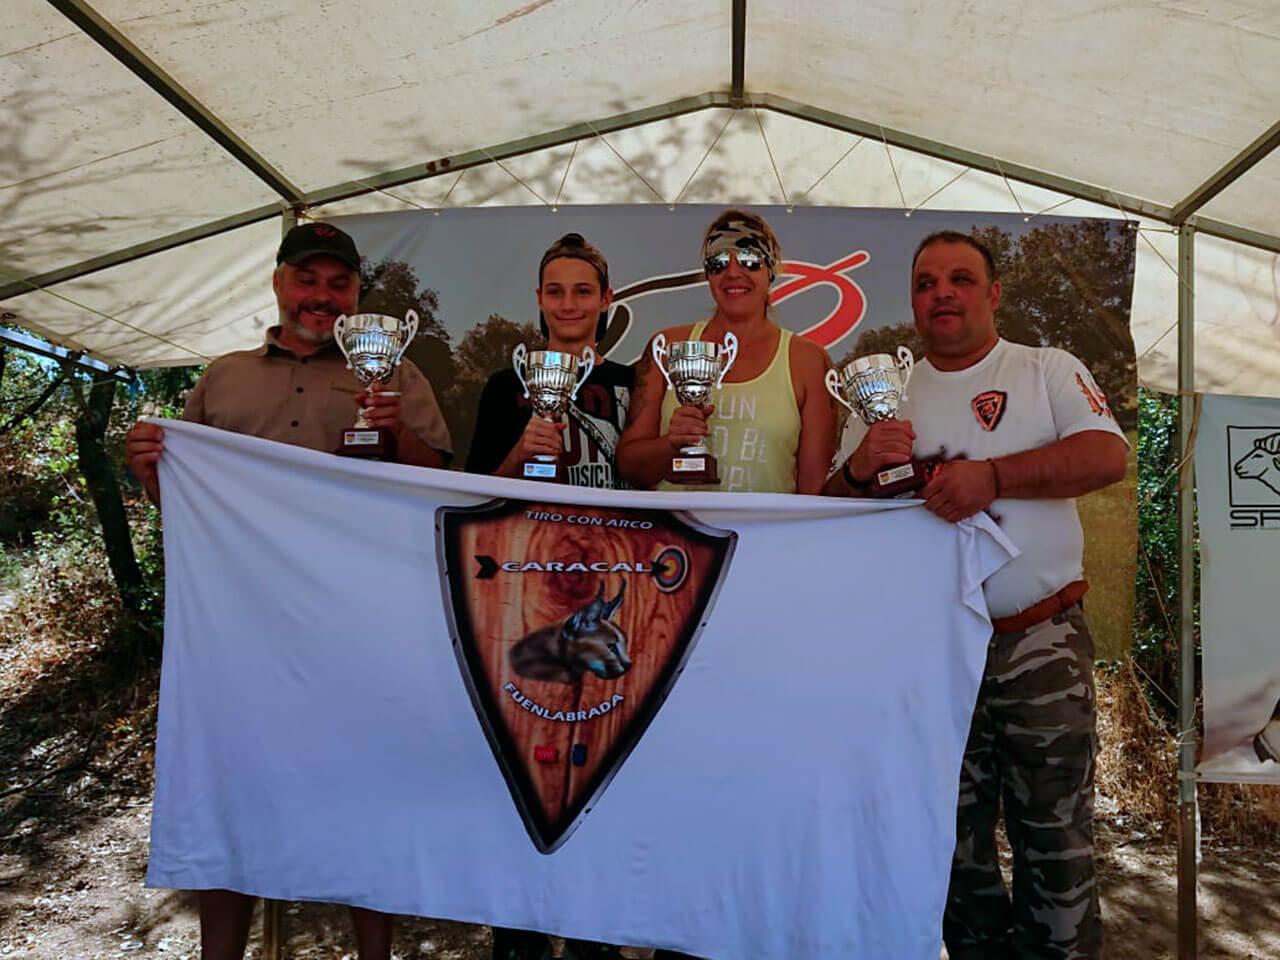 Campeonato Autonómico de Recorridos de Caza con Arco 2019